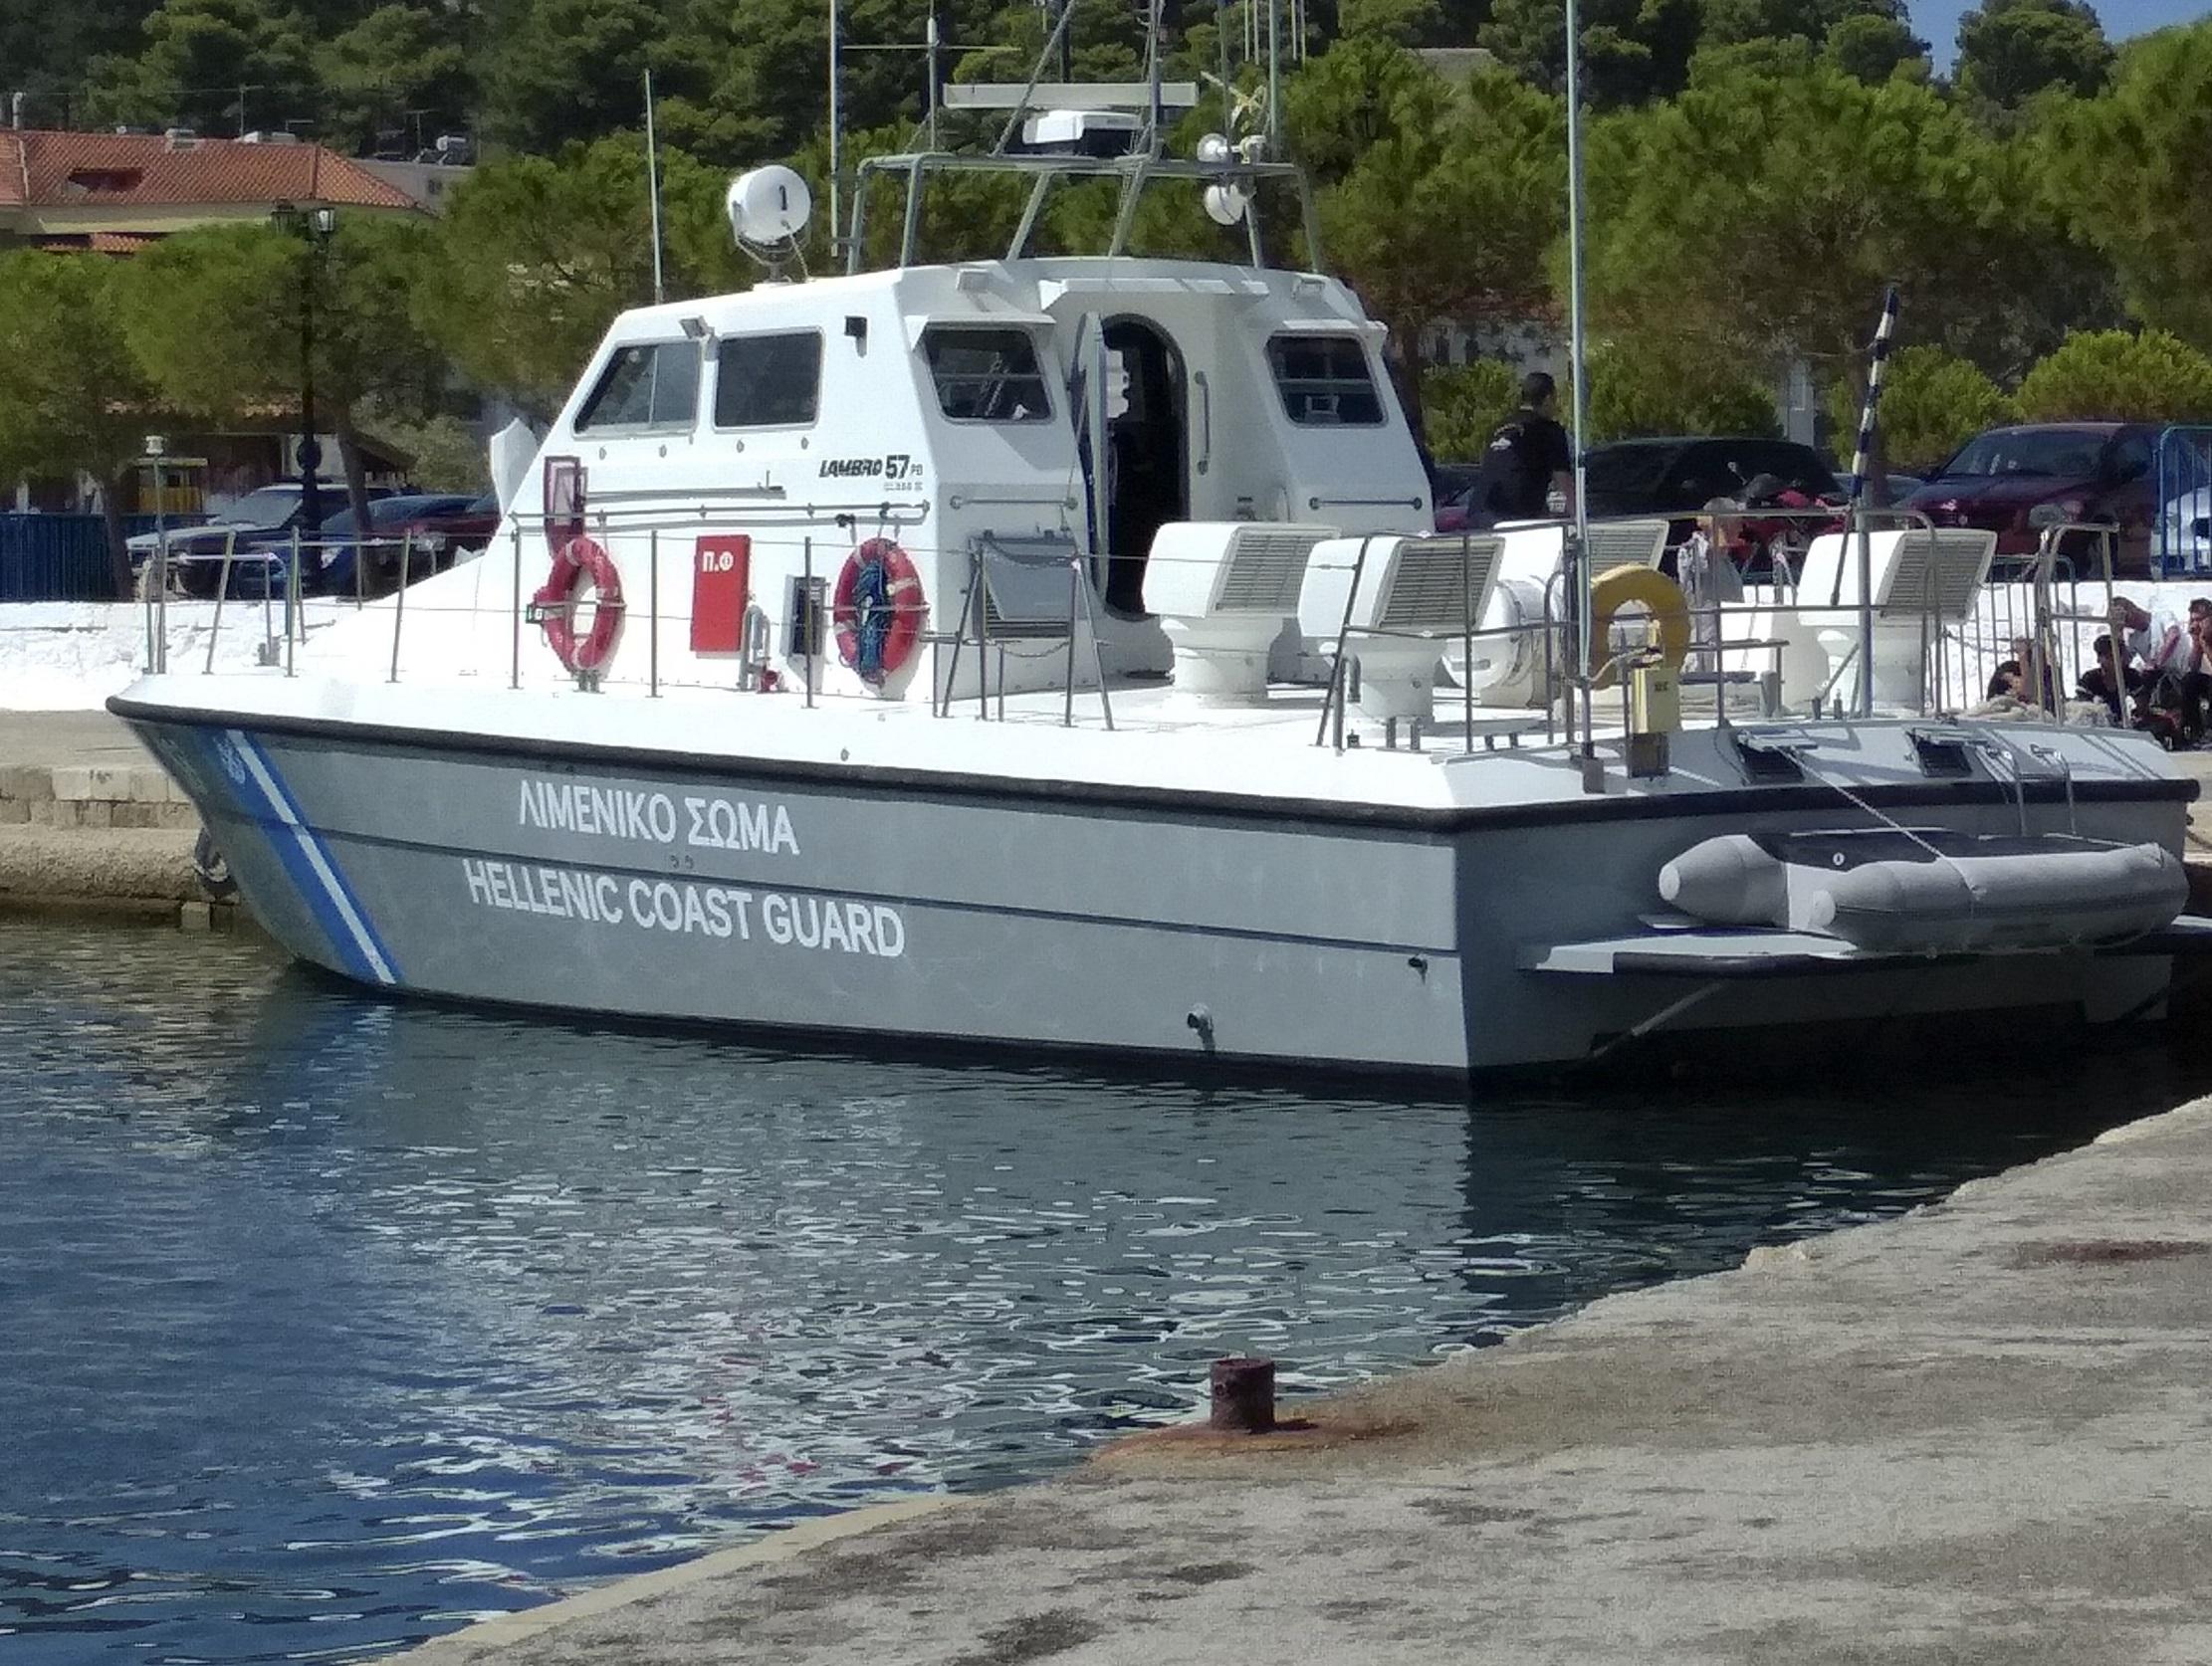 Κεφαλονιά: Ρίσκαραν τη ζωή τους για να φτάσουν στην Ελλάδα! Εφιάλτης για γυναικόπαιδα στο Ιόνιο